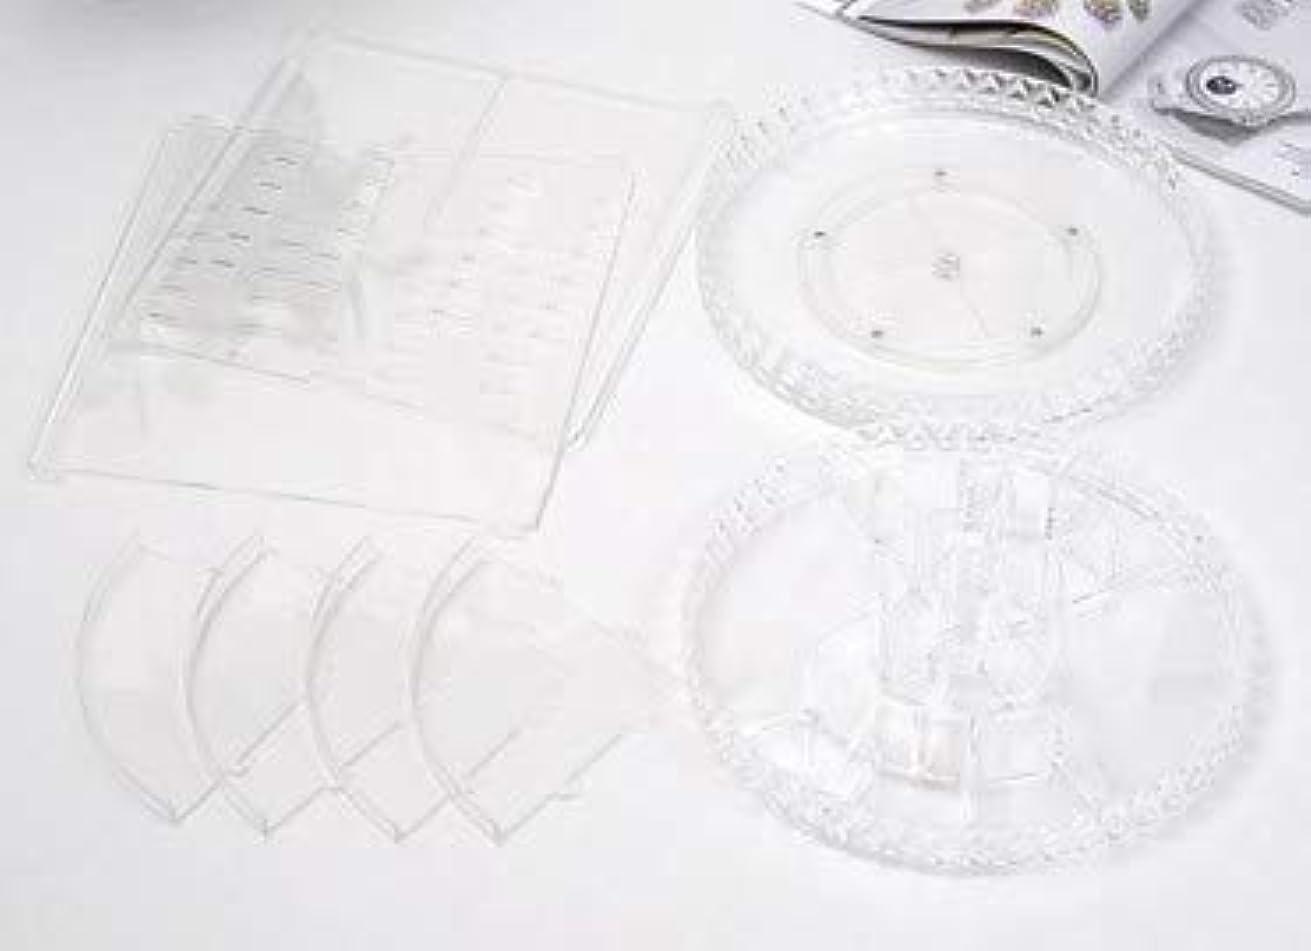 支払い意志に反するアラビア語回転化粧品収納ボックスダイヤモンド透明化粧品ケーススキンケア製品ディスプレイボックスデスクトップ収納ボックス